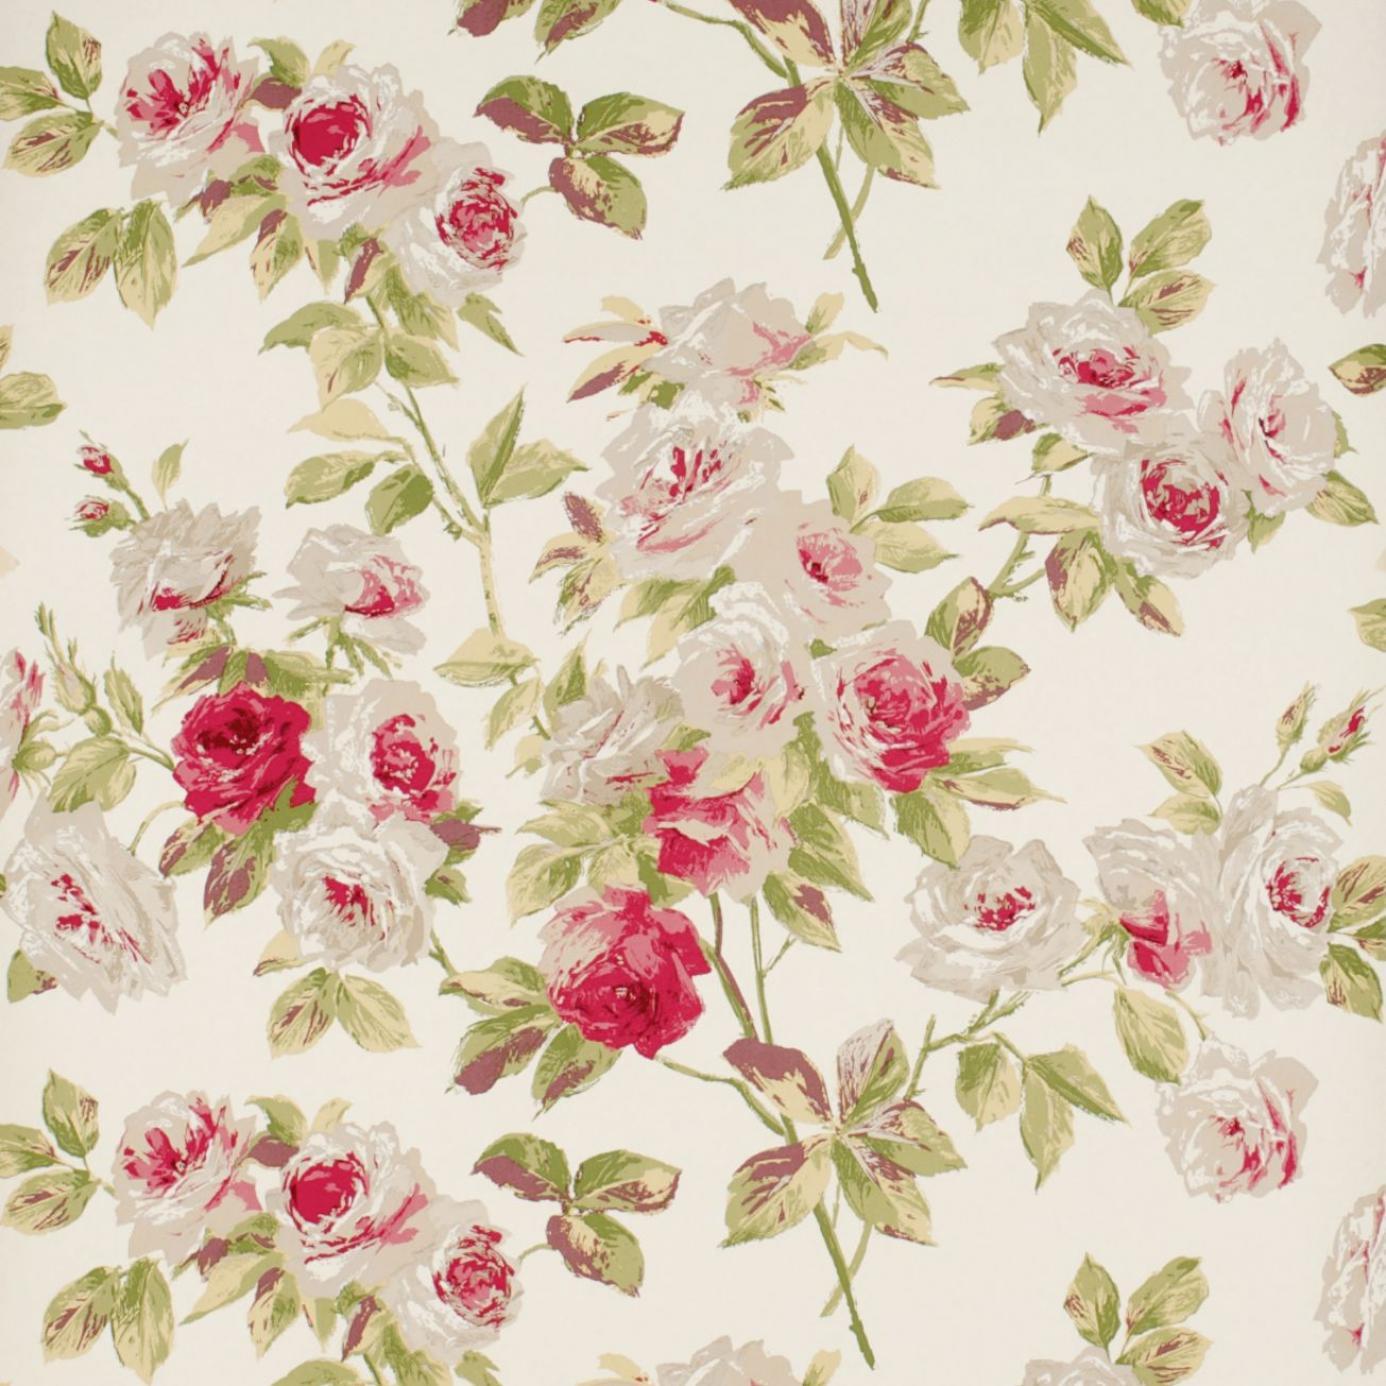 Vintage Flowers - HD Wallpaper